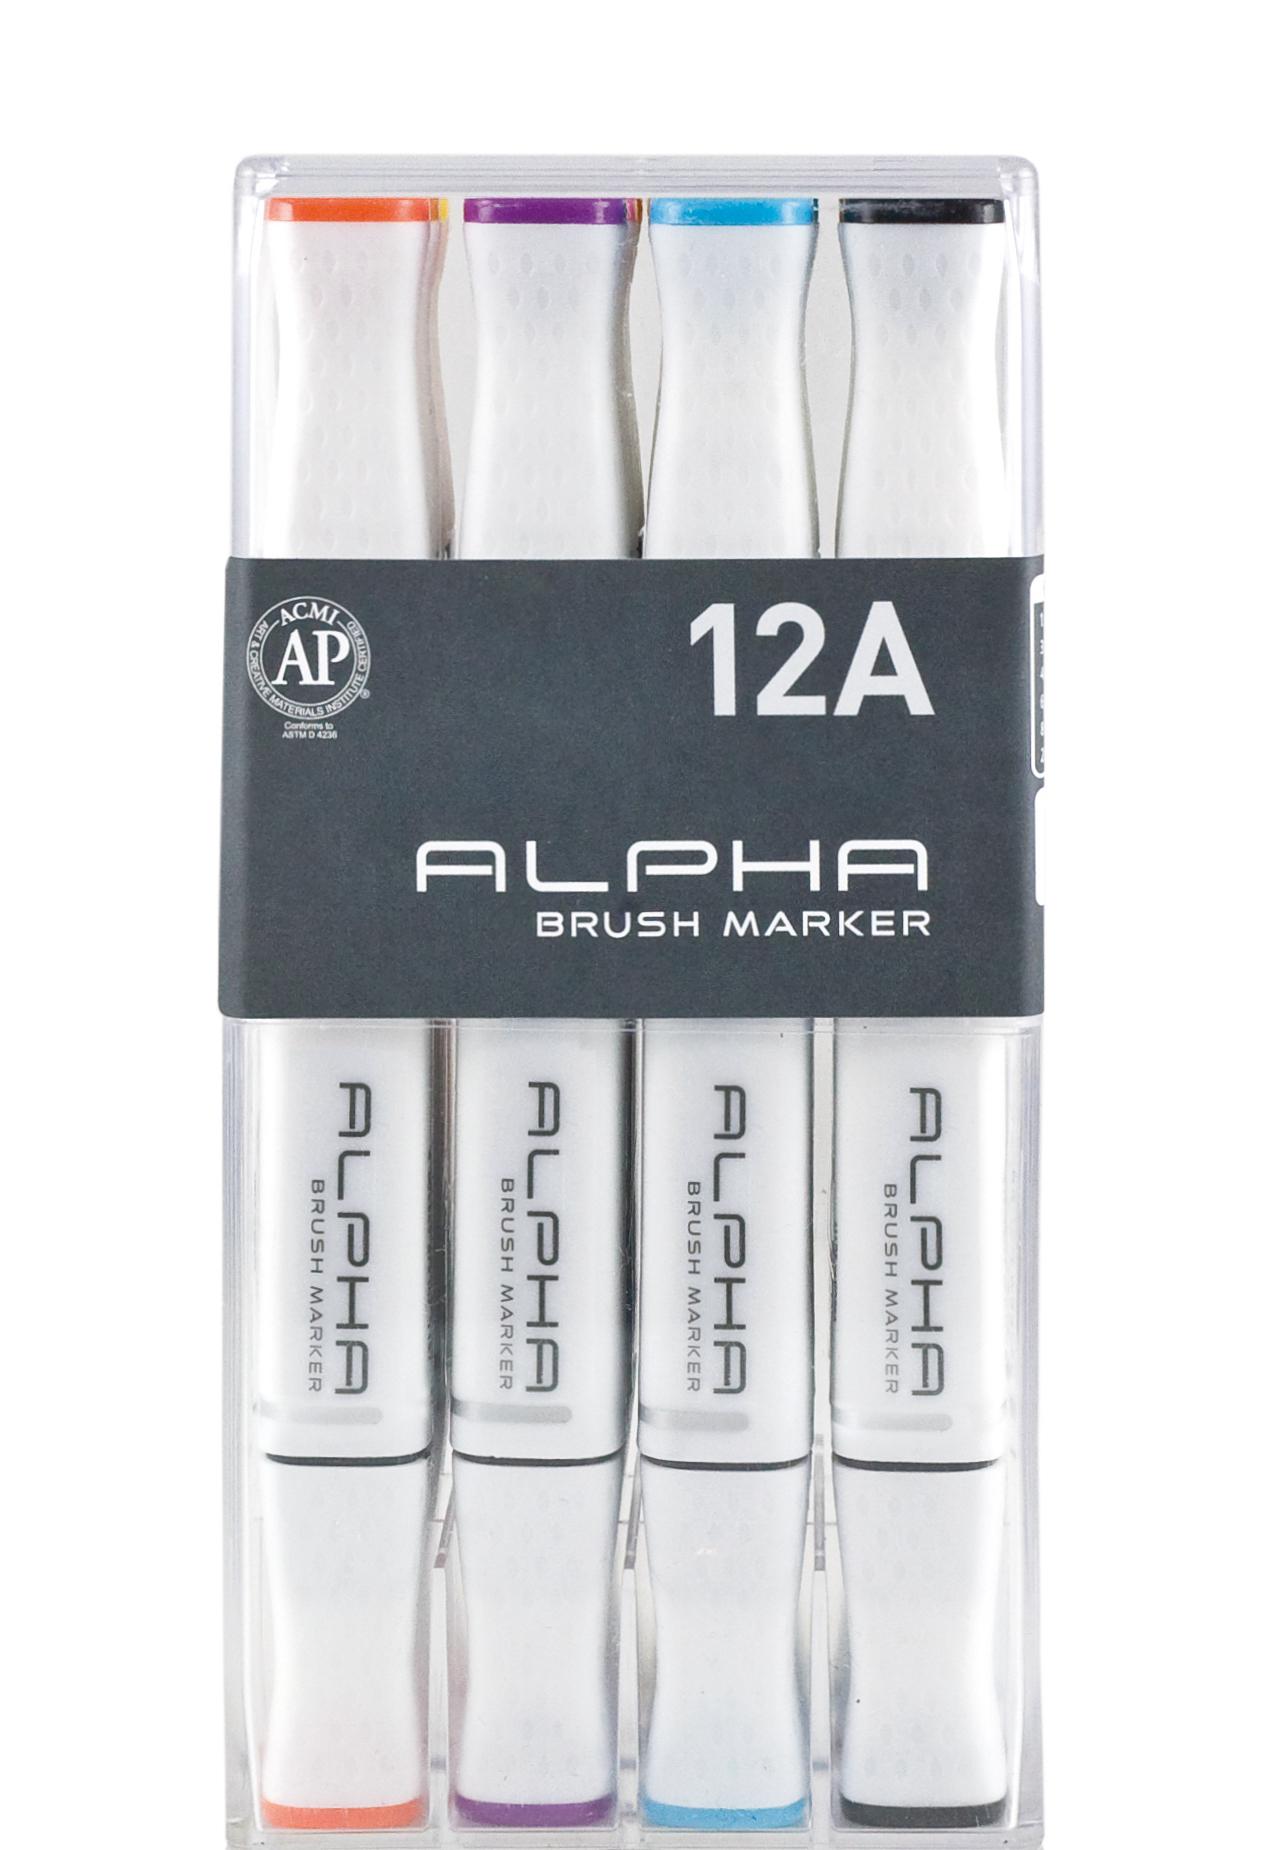 ALPHA Marker 12A Brush Marker - Basic Set